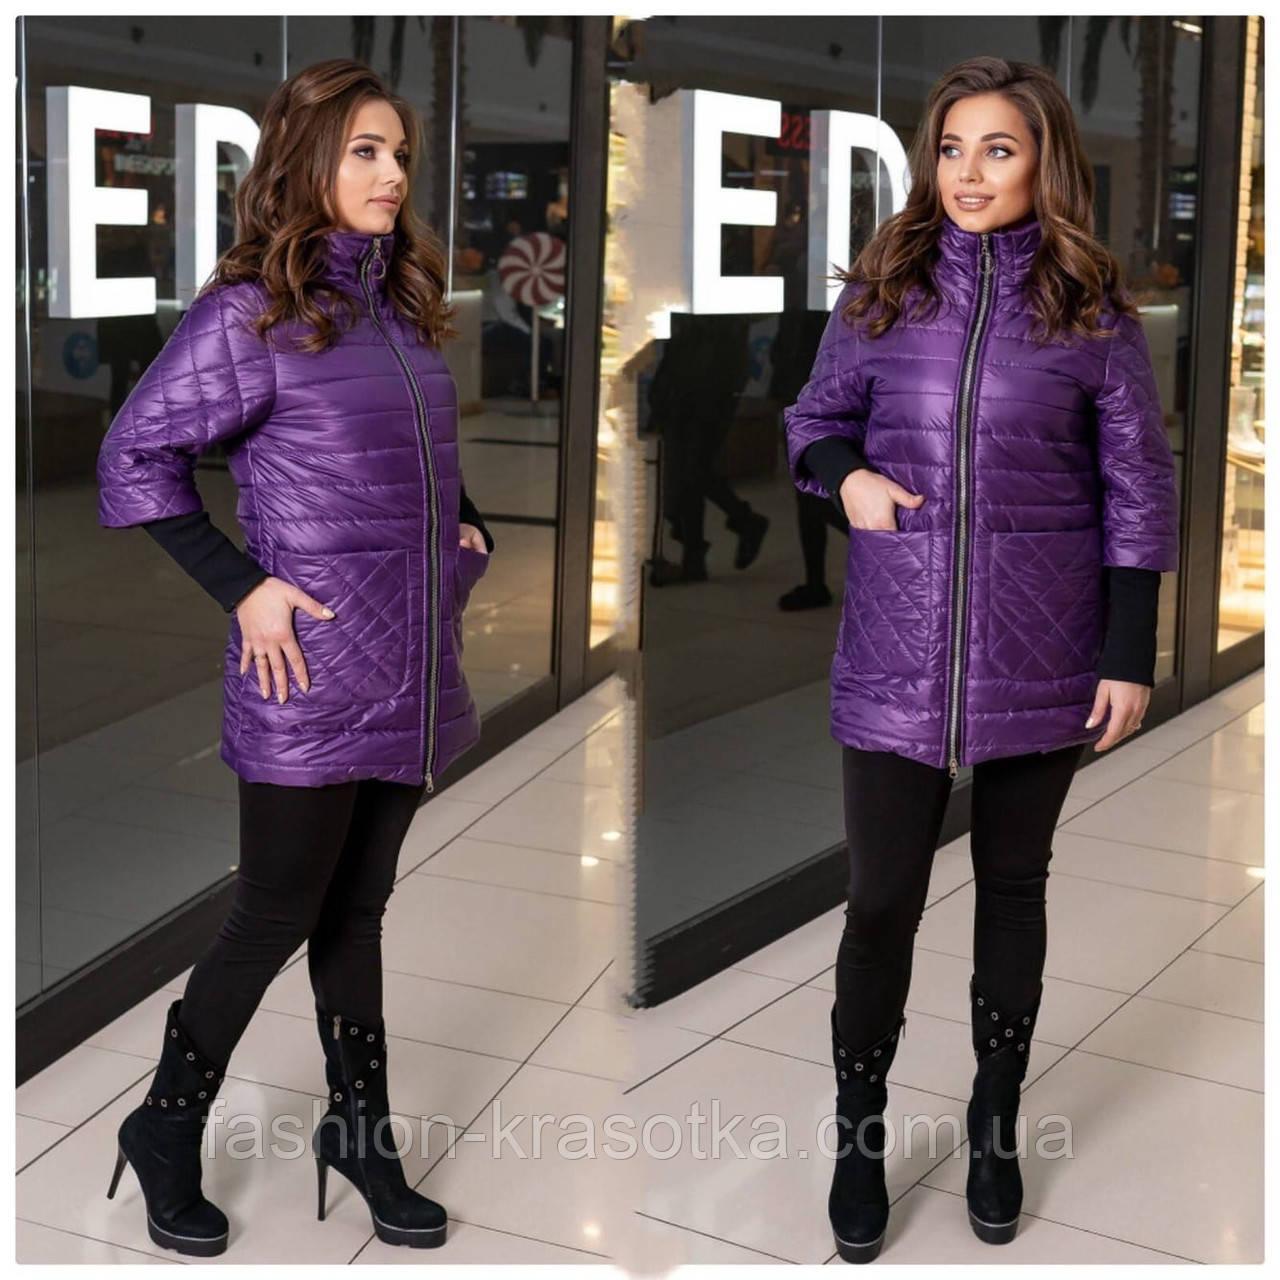 Женская демисезонная куртка,размеры:48-50,52-54,56-58,60-62.